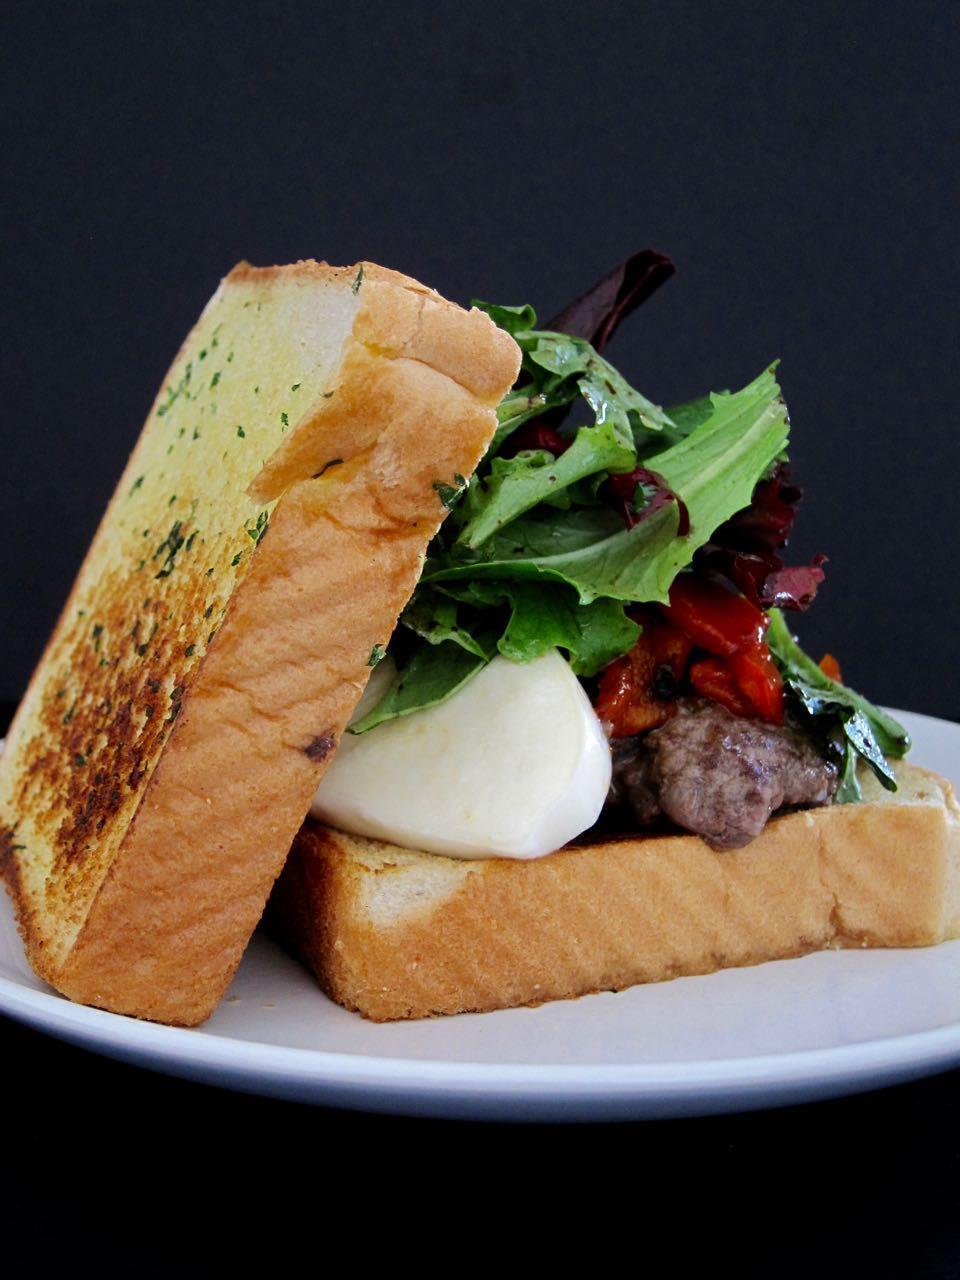 bruschetta burger on garlic toast